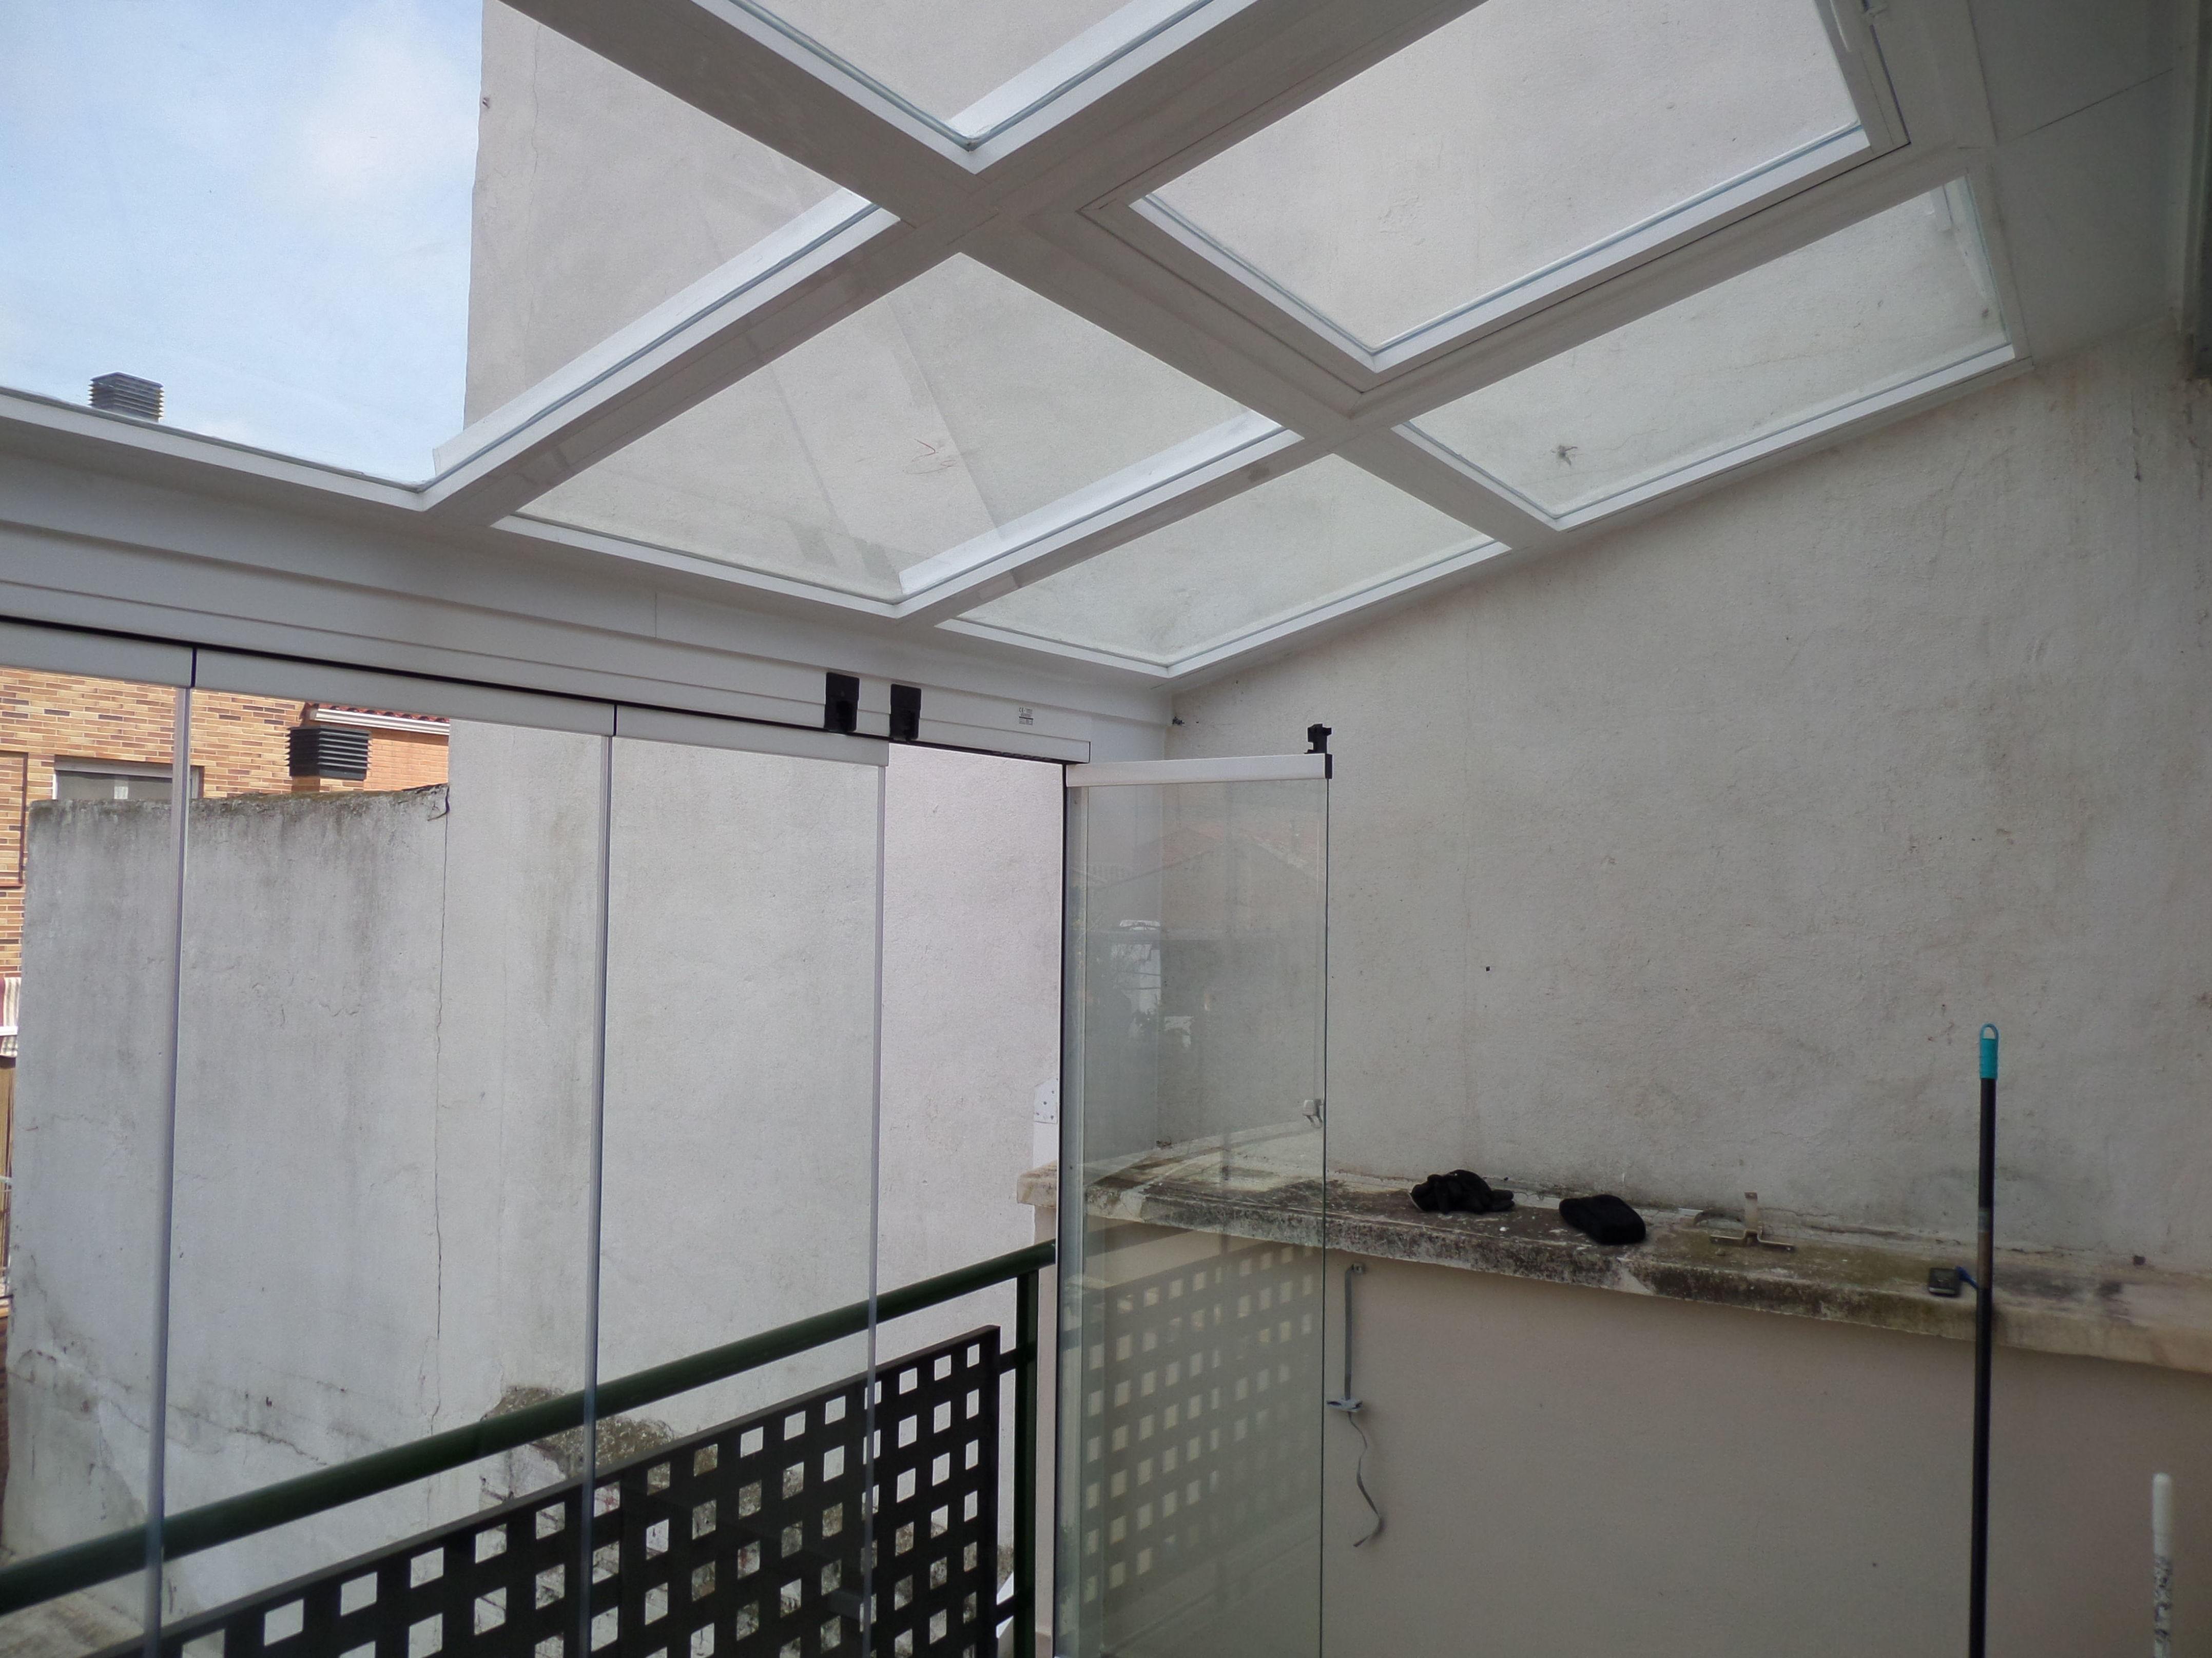 cerramiento cortina de cristal y techo